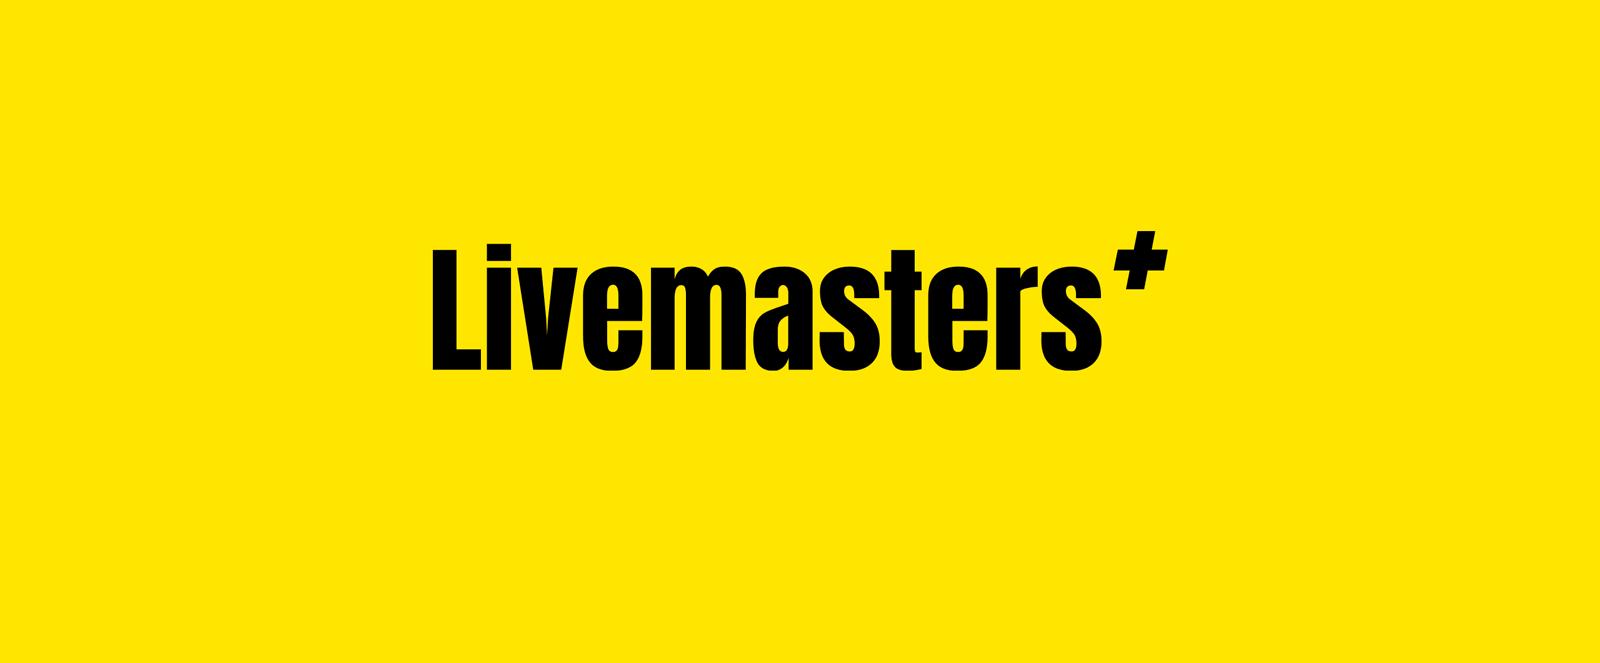 スマートフォン会員サービス「Livemasters+」スタート!